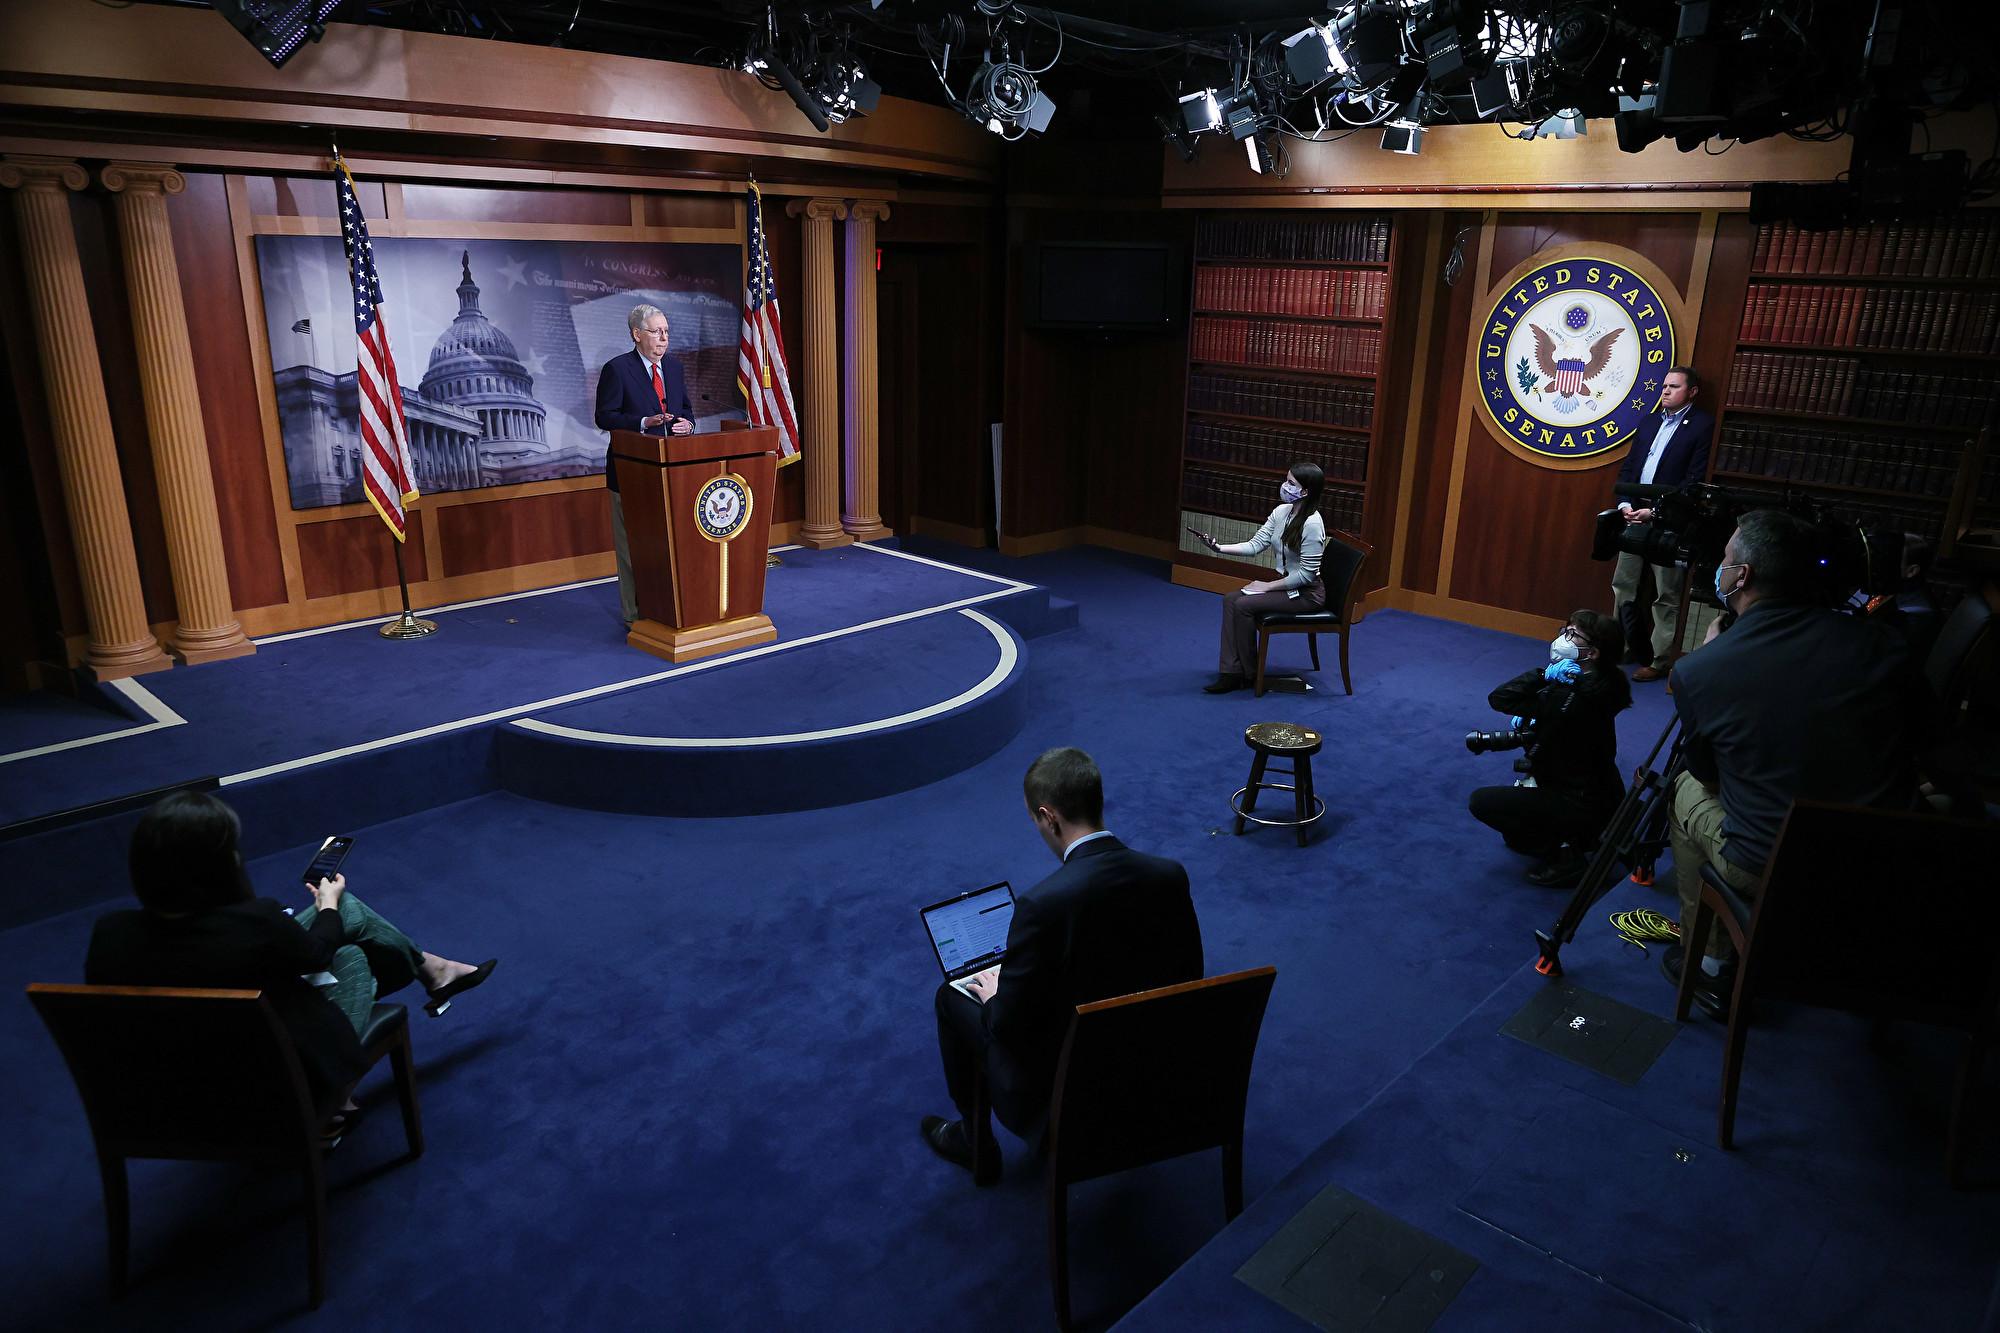 2020年4月21日,美國參議院已於當天下午投票通過加碼援助企業法案,金額總計4,840億美元。圖為參議院多數黨領袖麥康奈爾在記者會上。(Photo by Chip Somodevilla/Getty Images)